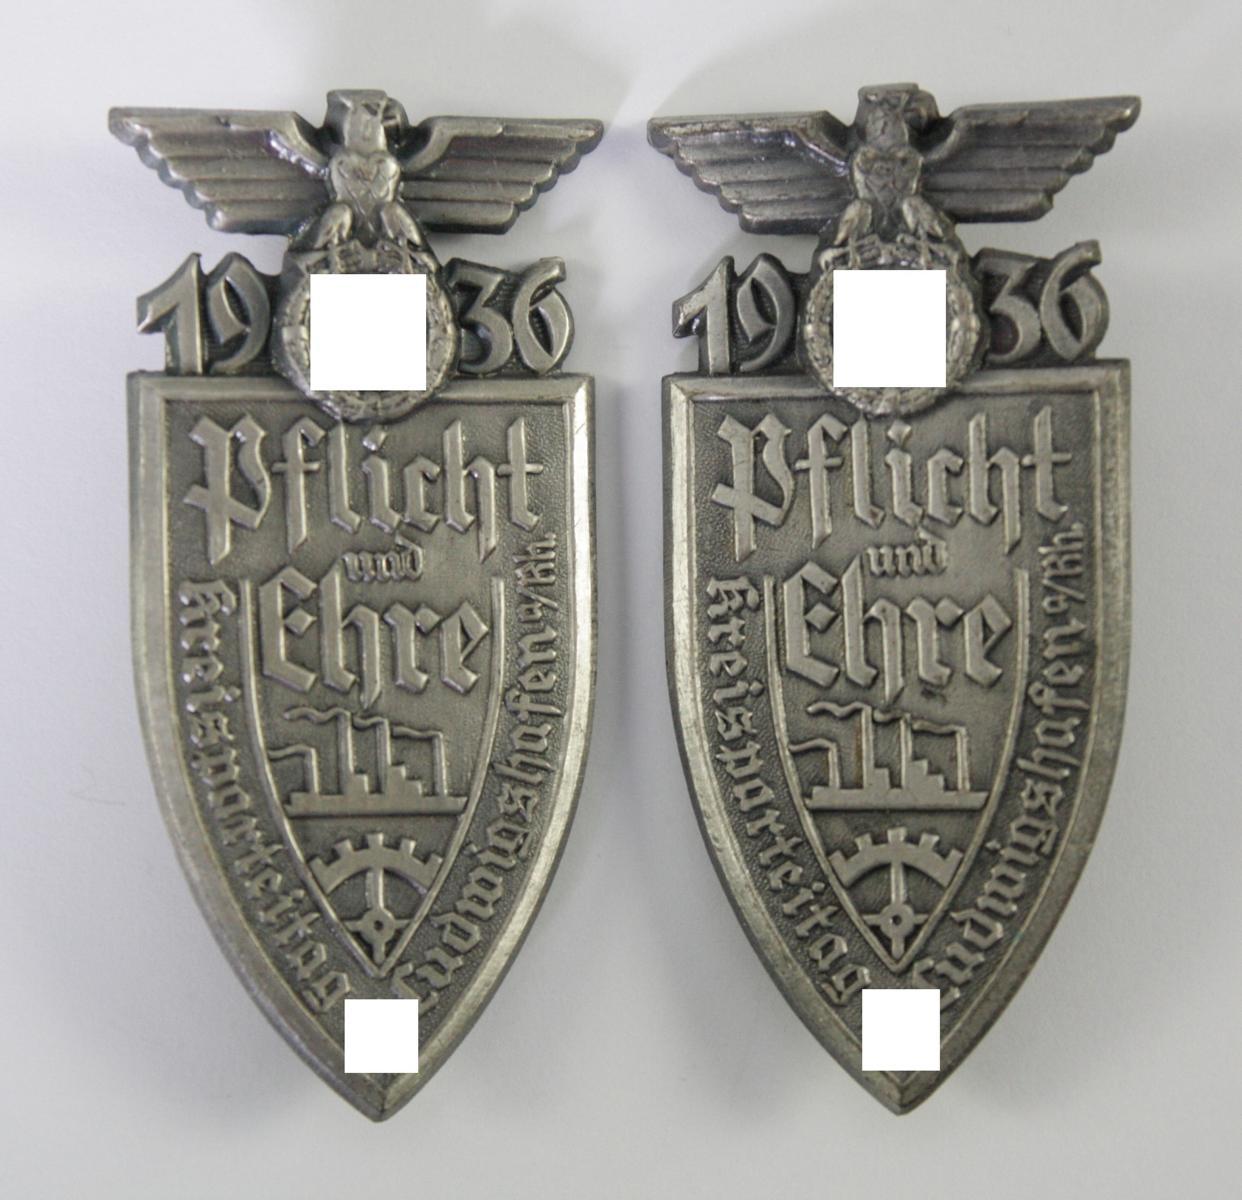 2x Abzeichen, Kreisparteitag Ludwigshafen 1936 'Pflicht und Ehre'